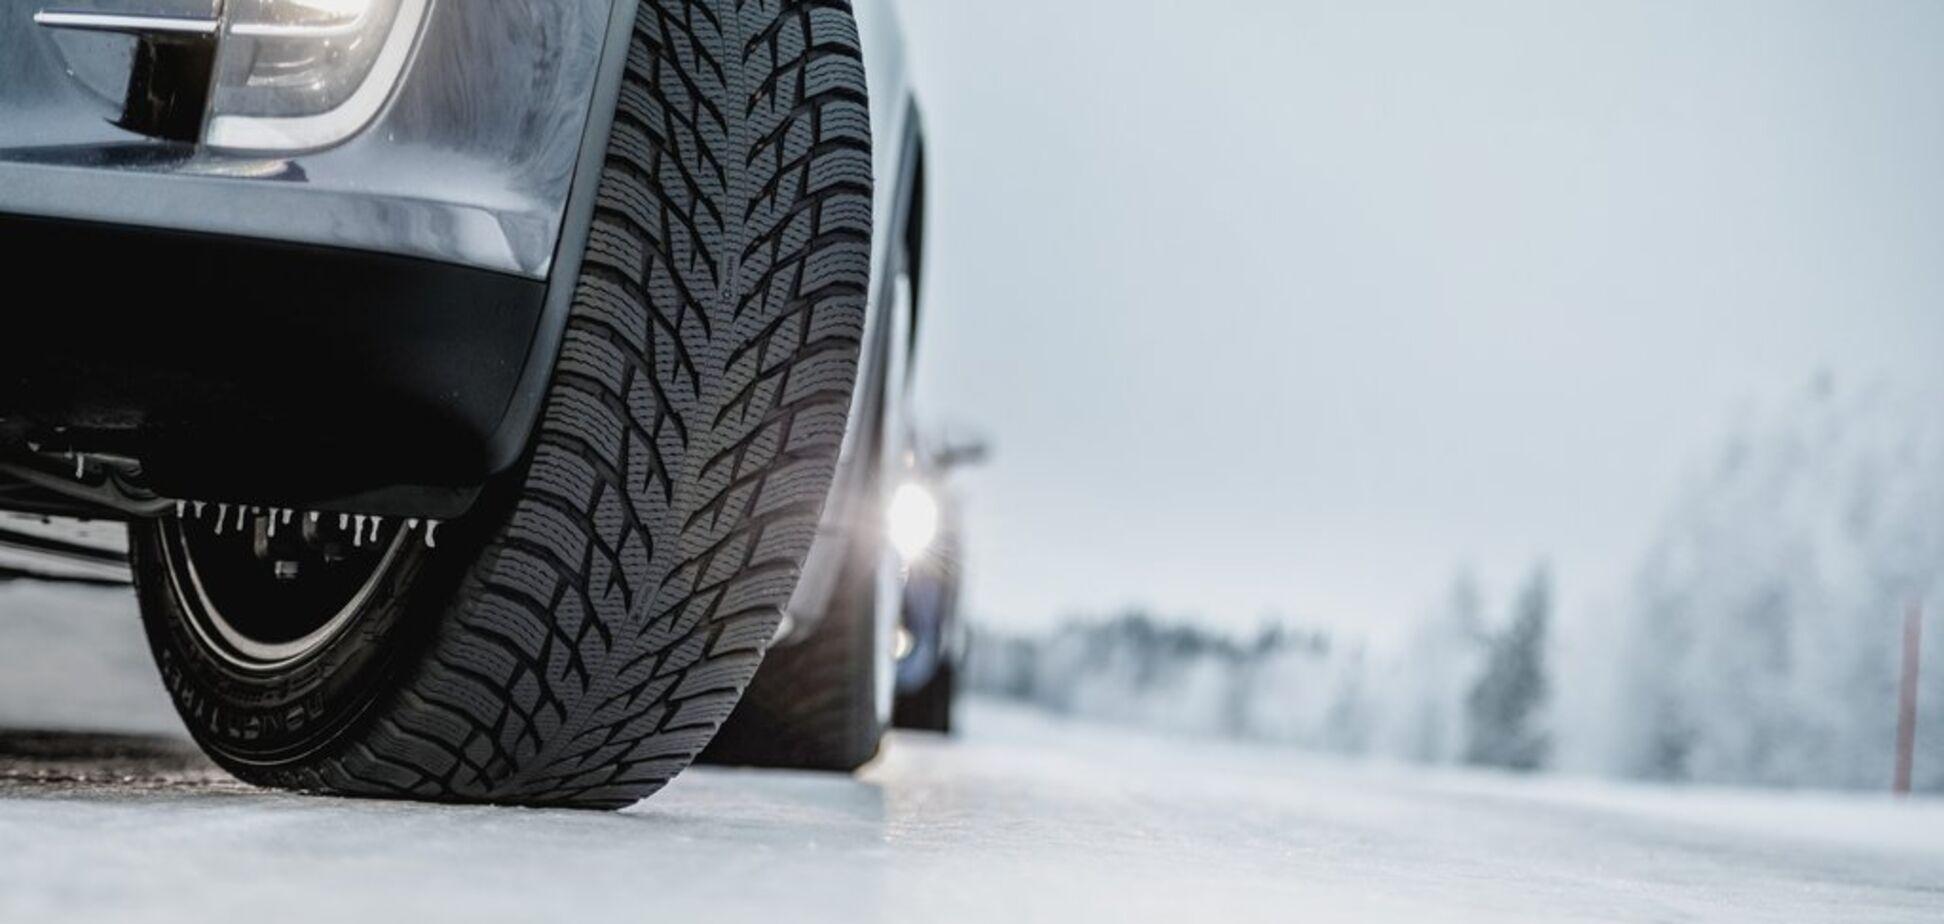 Навіщо 'перевзувати' авто взимку: експерти назвали причини